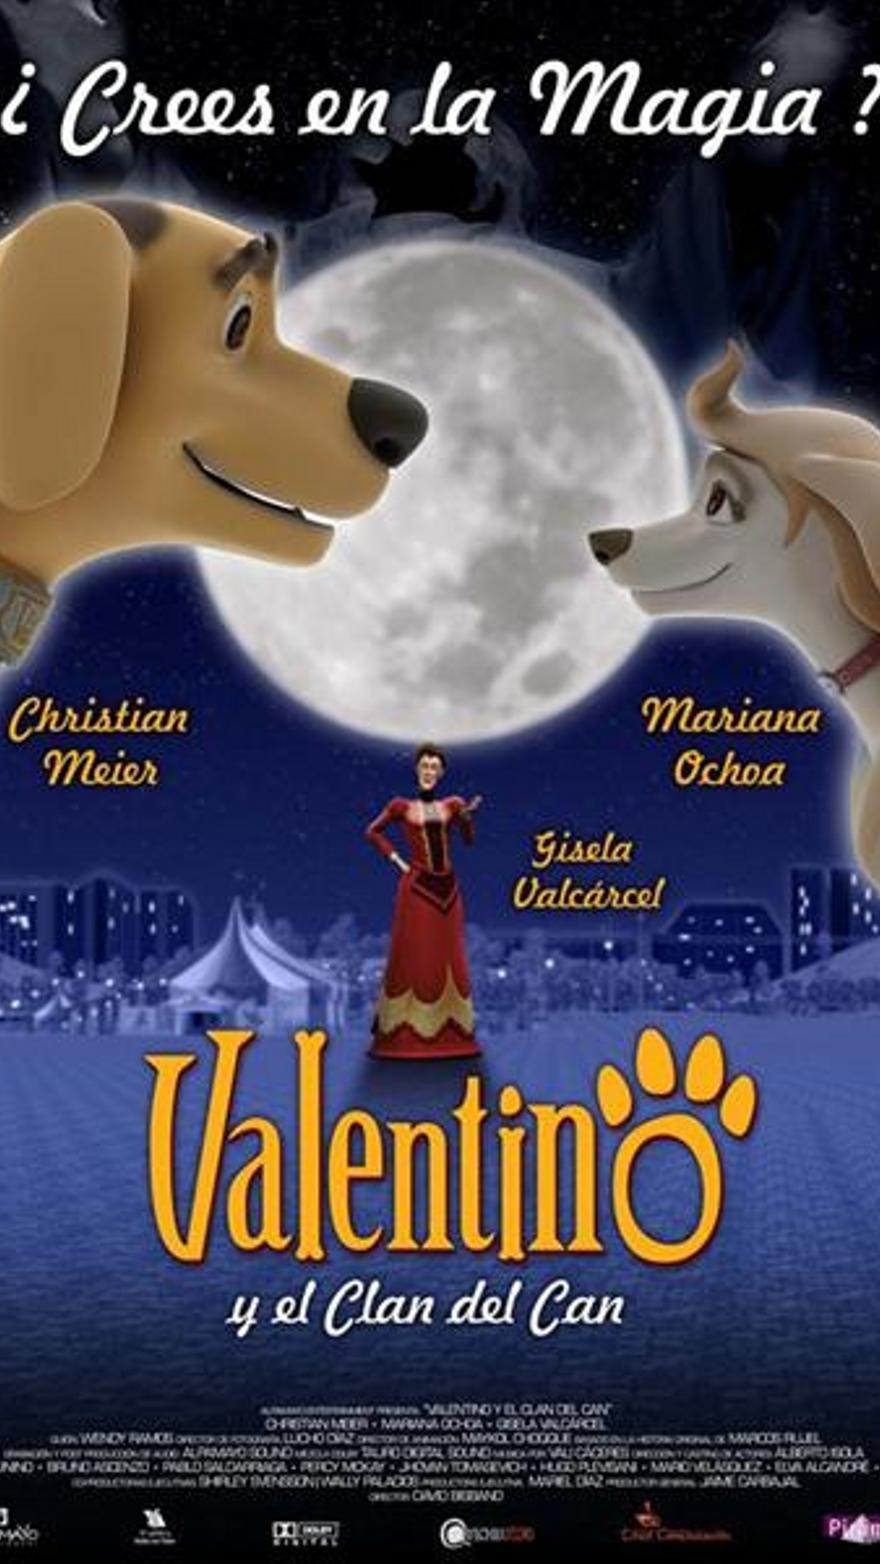 Valentino y Clan del Can